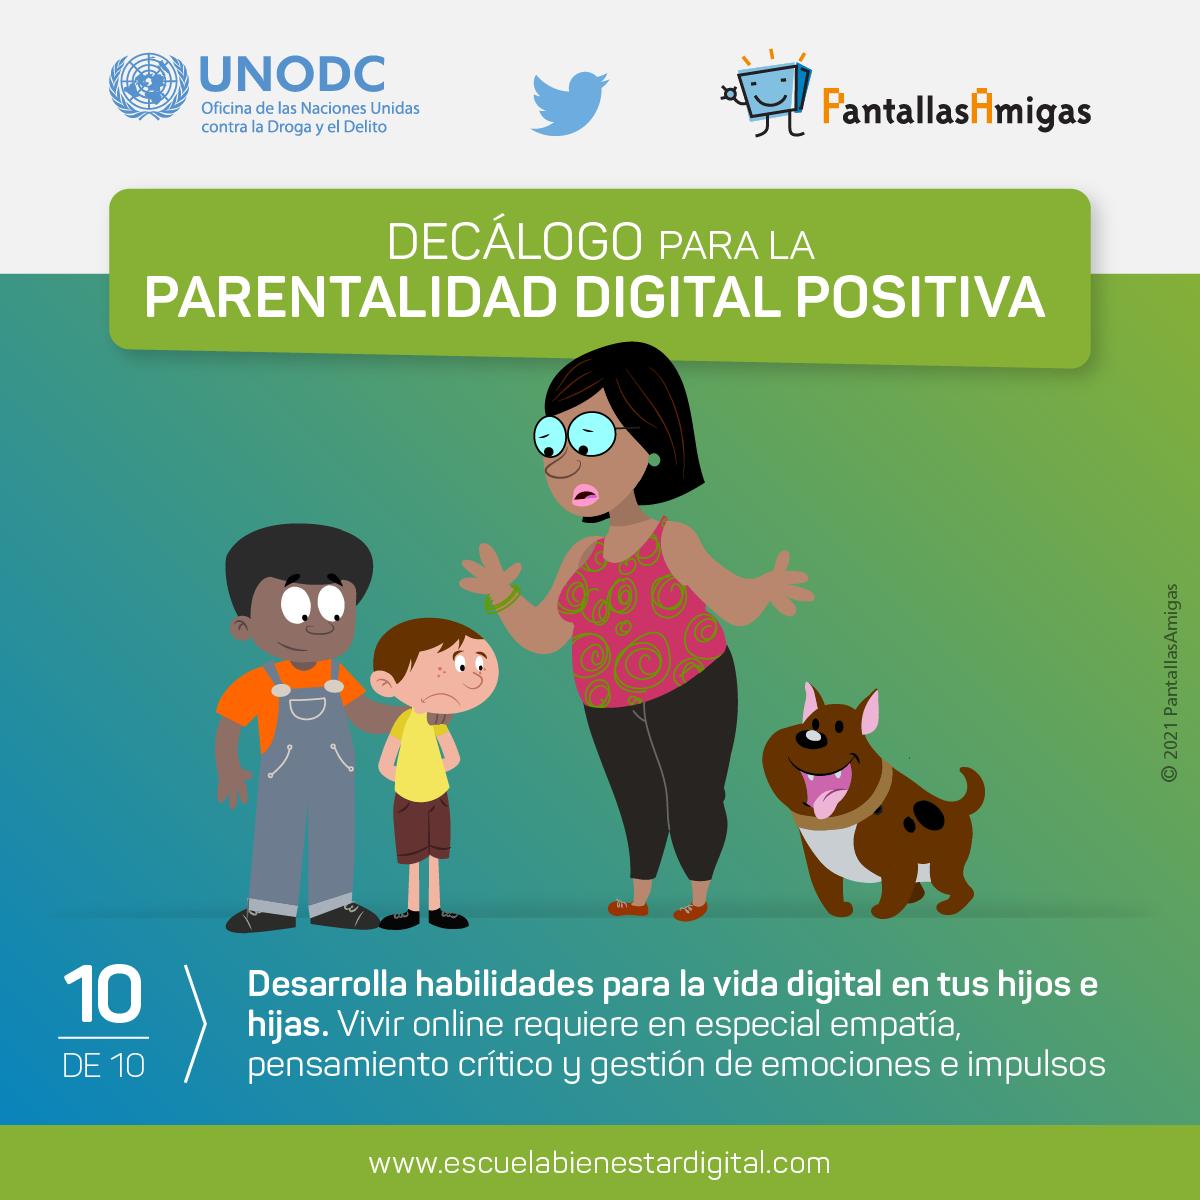 Desarrolla habilidades para la vida digital en tus hijos e hijas.